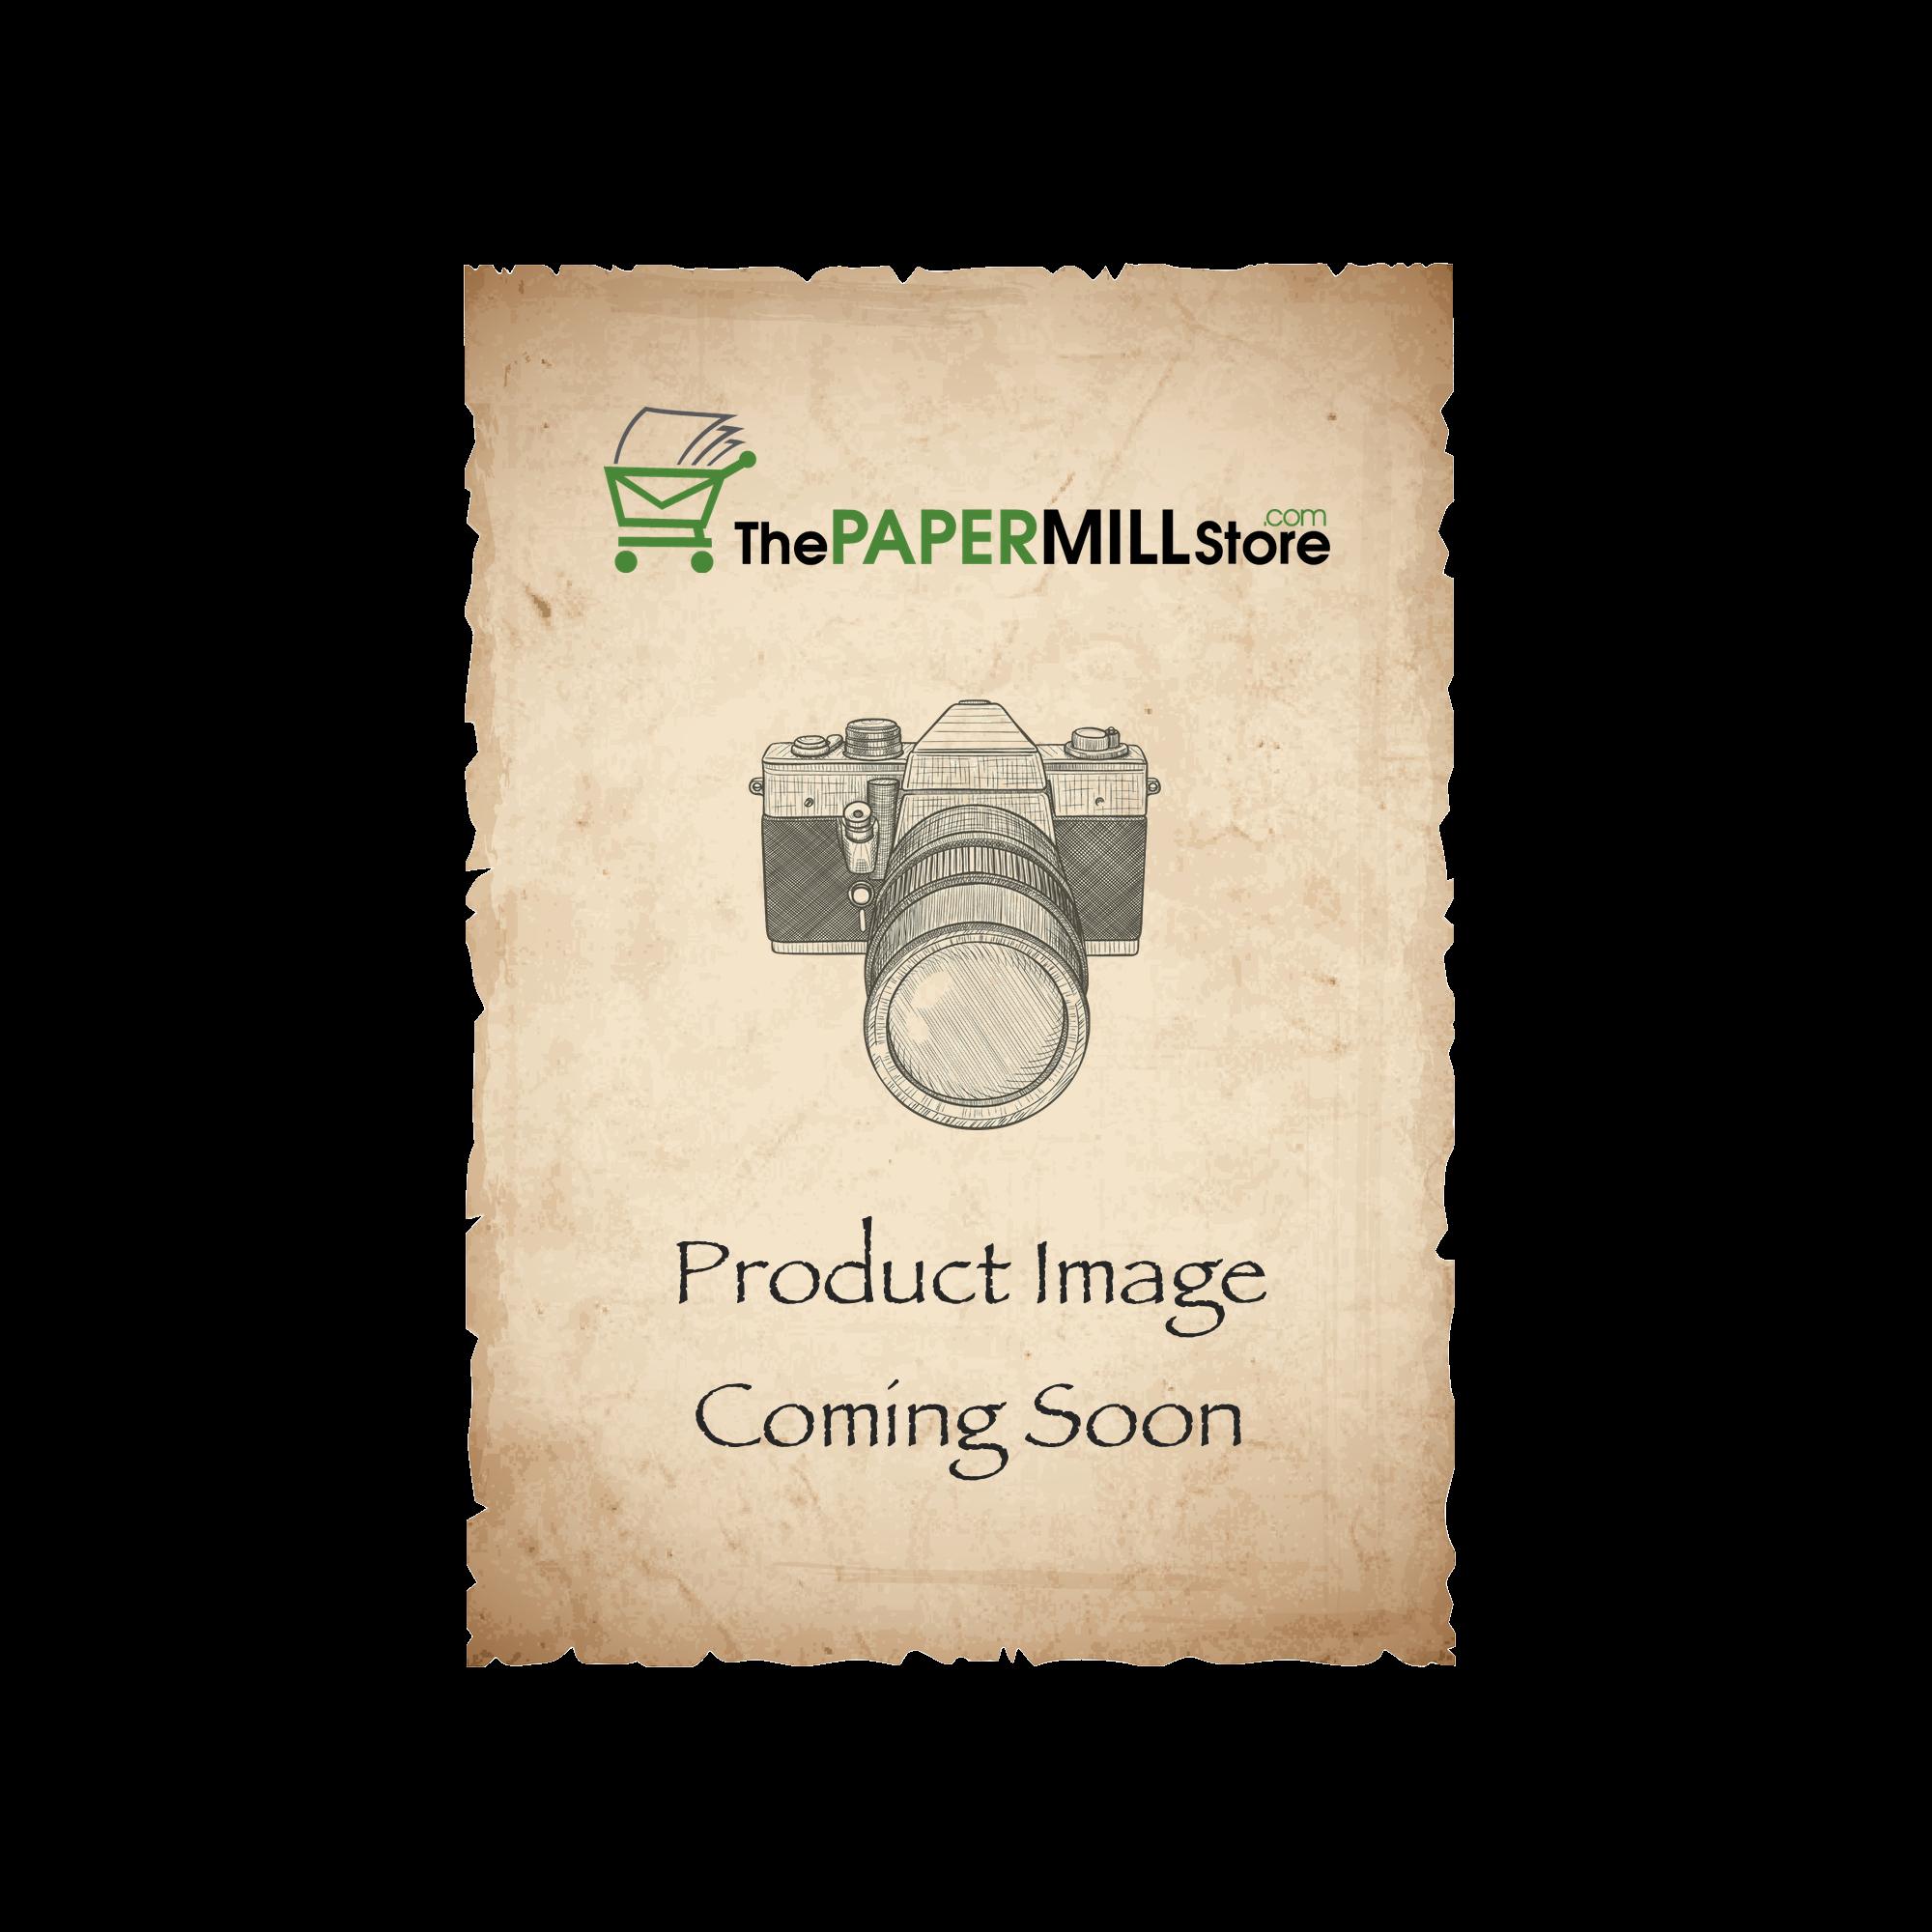 Loop Antique Vellum Chili Paper - 26 x 40 in 110 lb Cover DT Antique Vellum  50% Recycled 250 per Carton